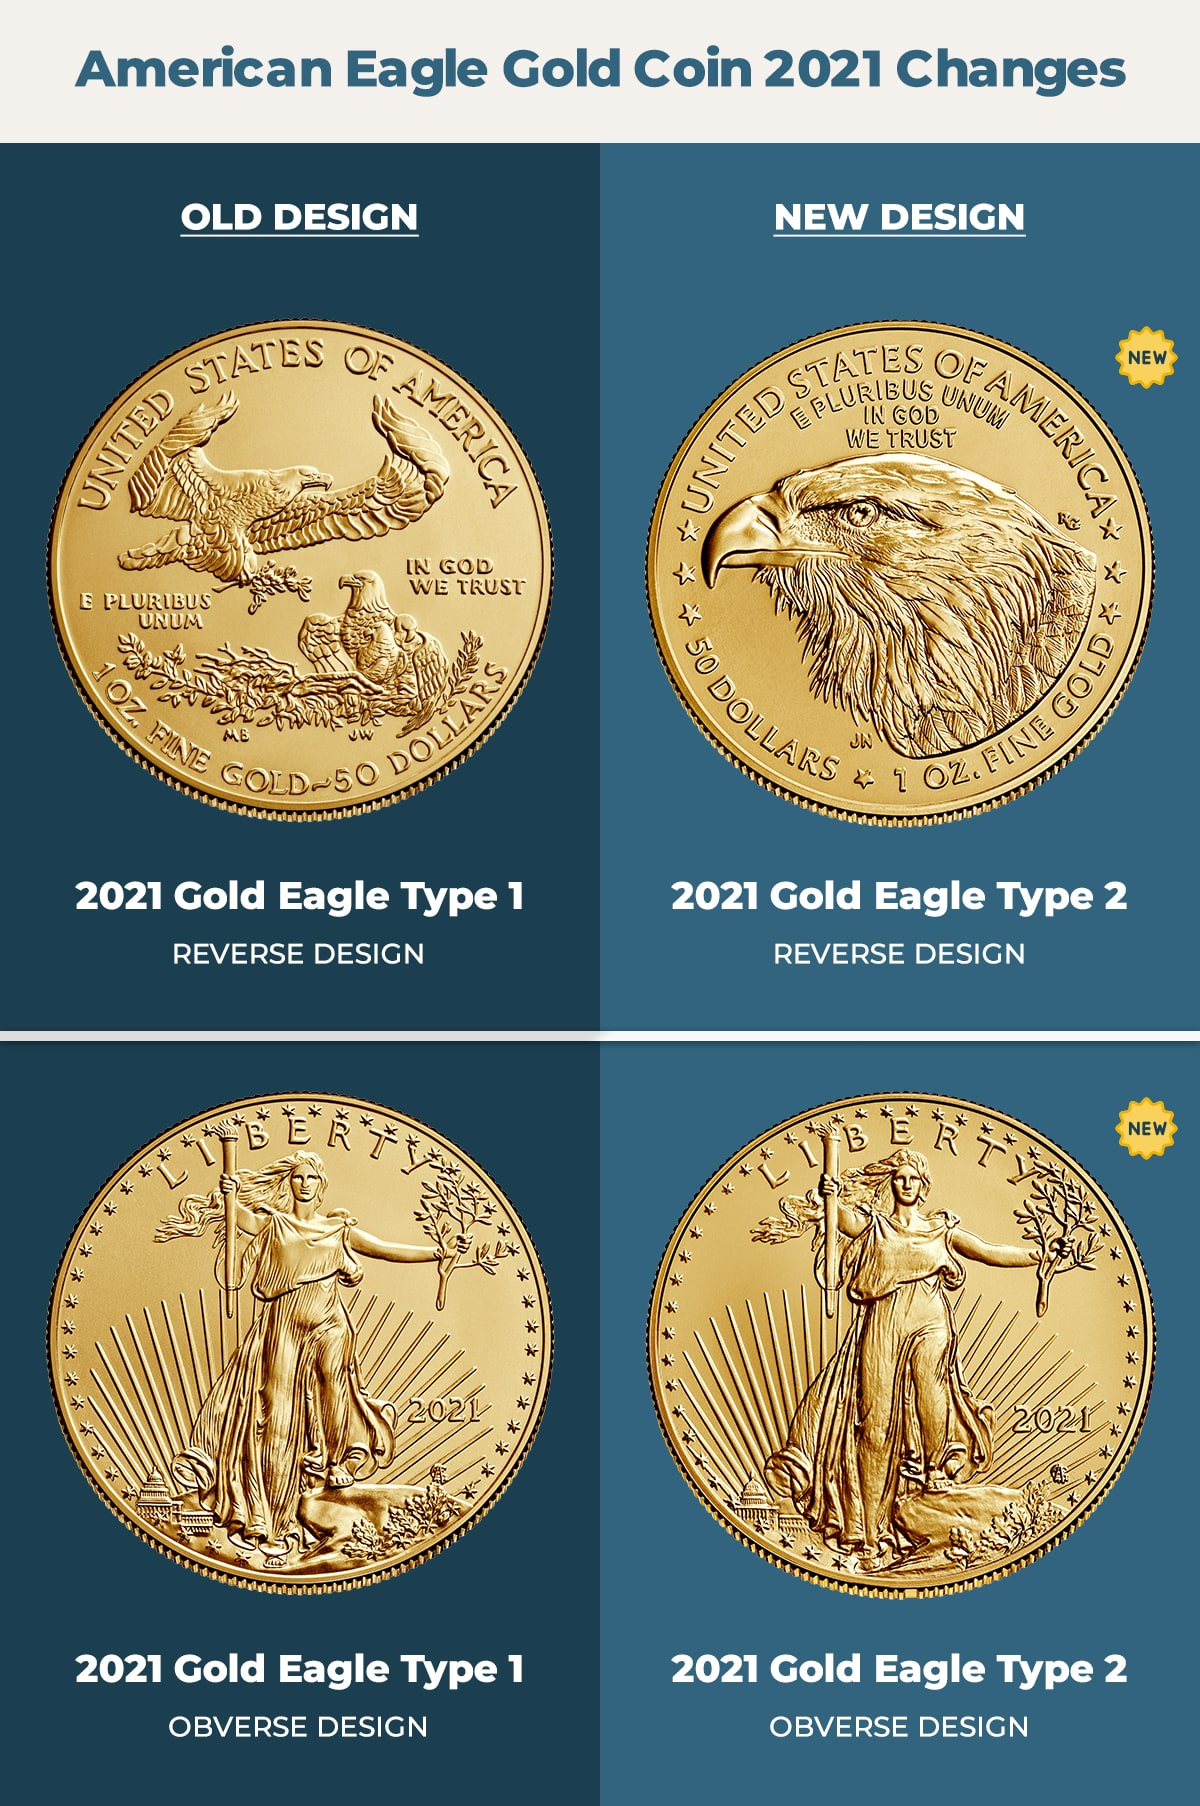 2021 gold eagle new design vs old design